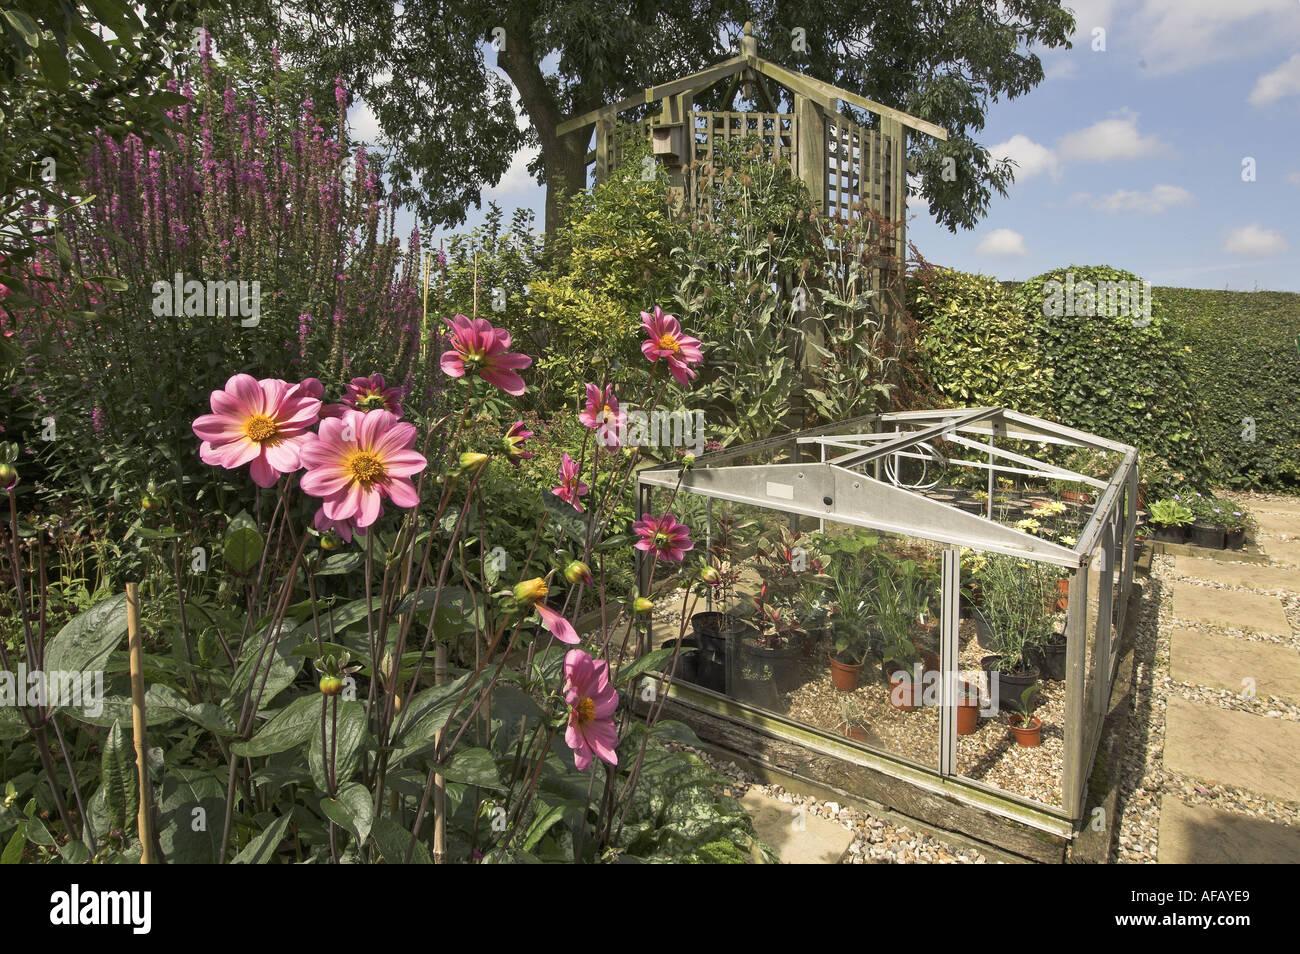 Coldframe Garden Stock Photos & Coldframe Garden Stock Images - Alamy